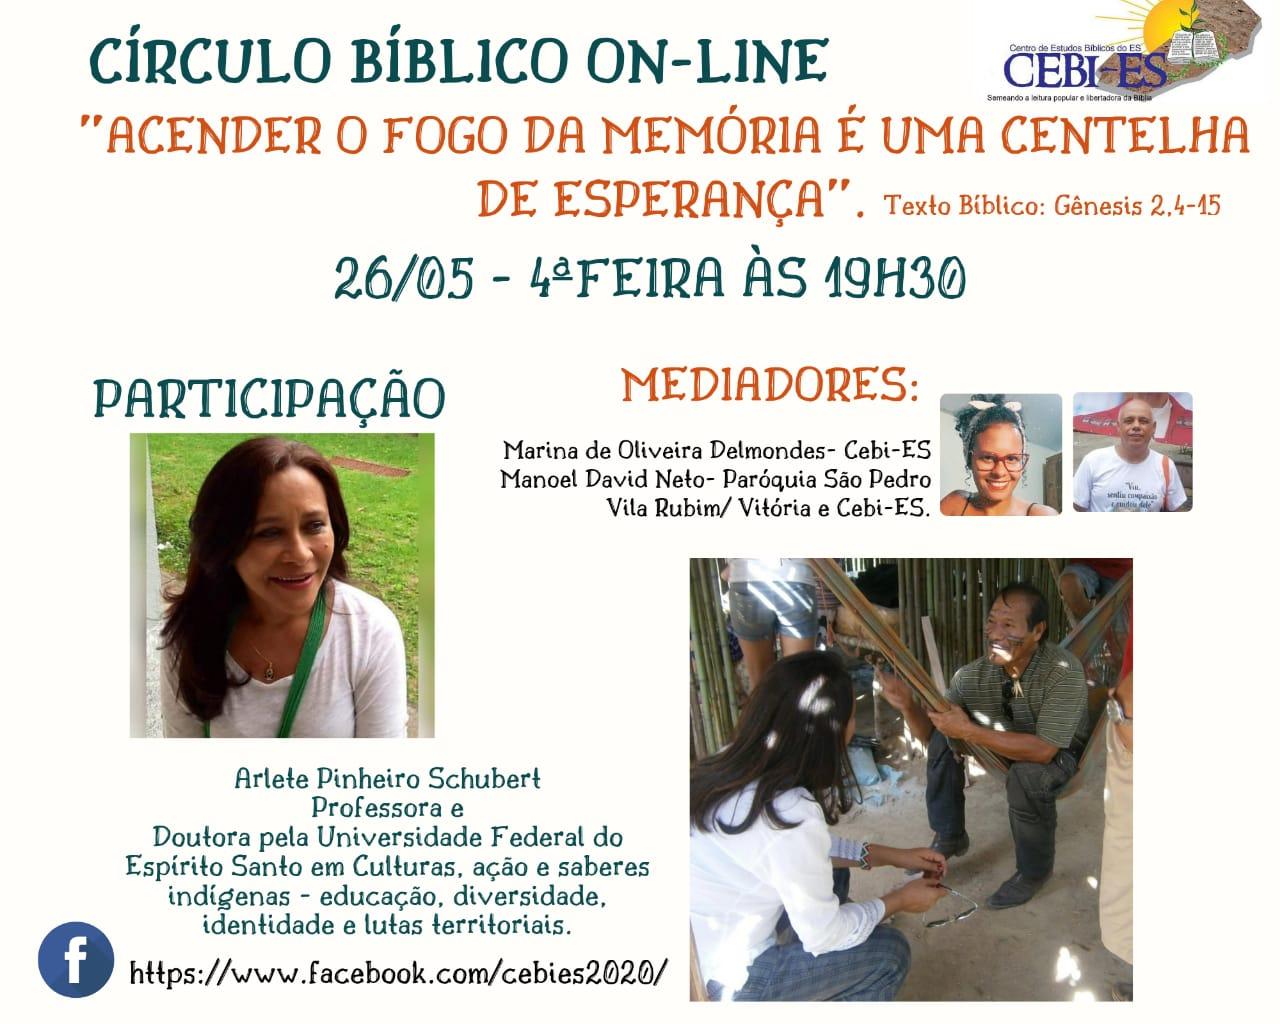 Circulo Bíblico do CEBI Espírito Santo